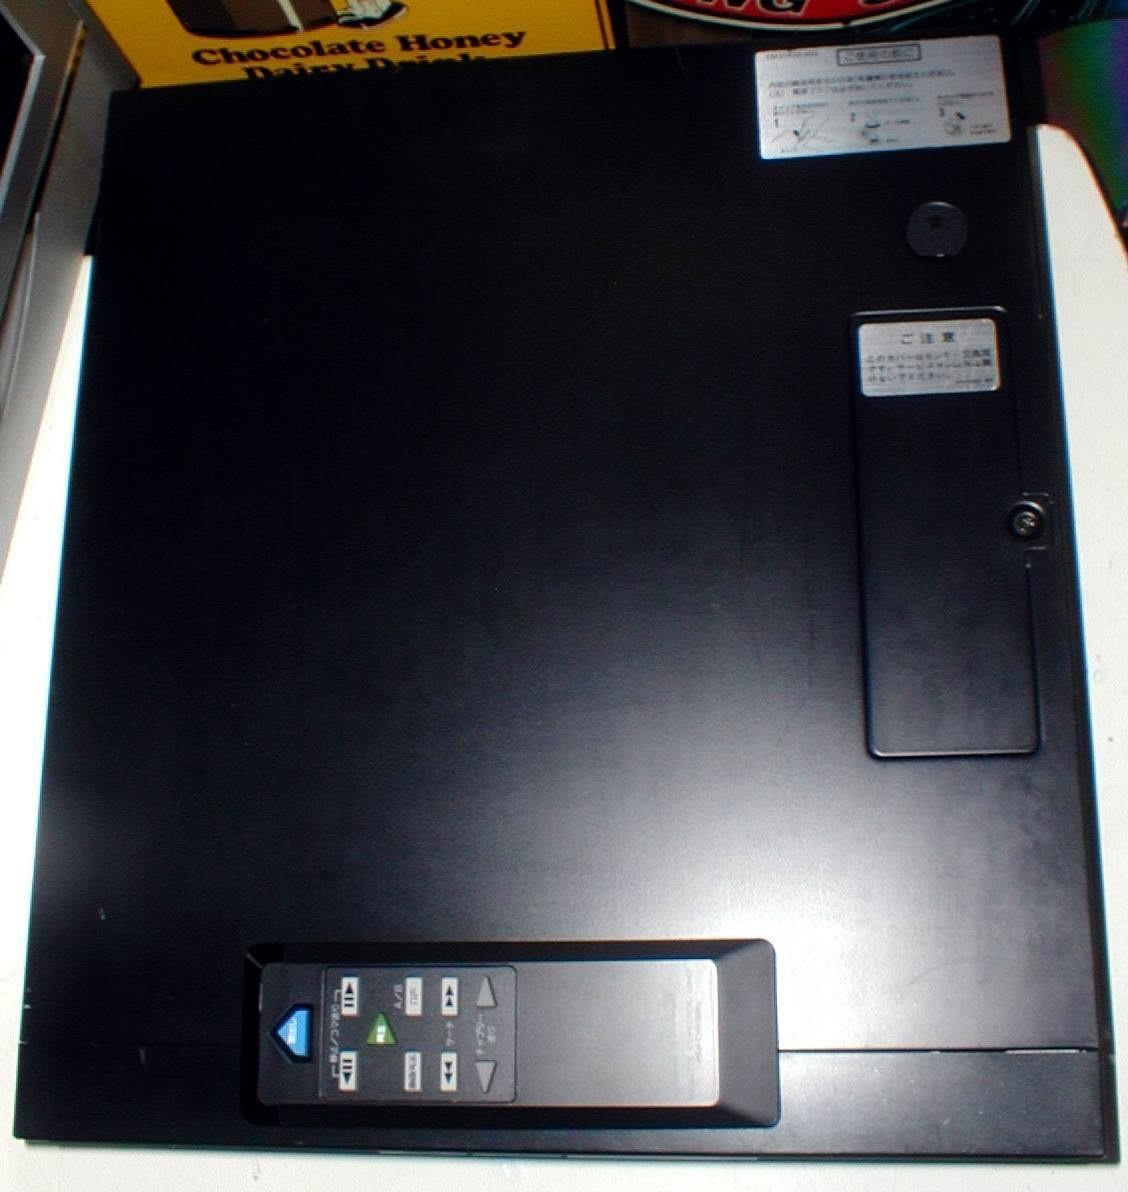 Victor HD-801BK VIDEO HIGHDENSITY DISC PLAYER VHD 小型 ビデオディスクプレーヤー 綺麗! リモコン付き_画像7